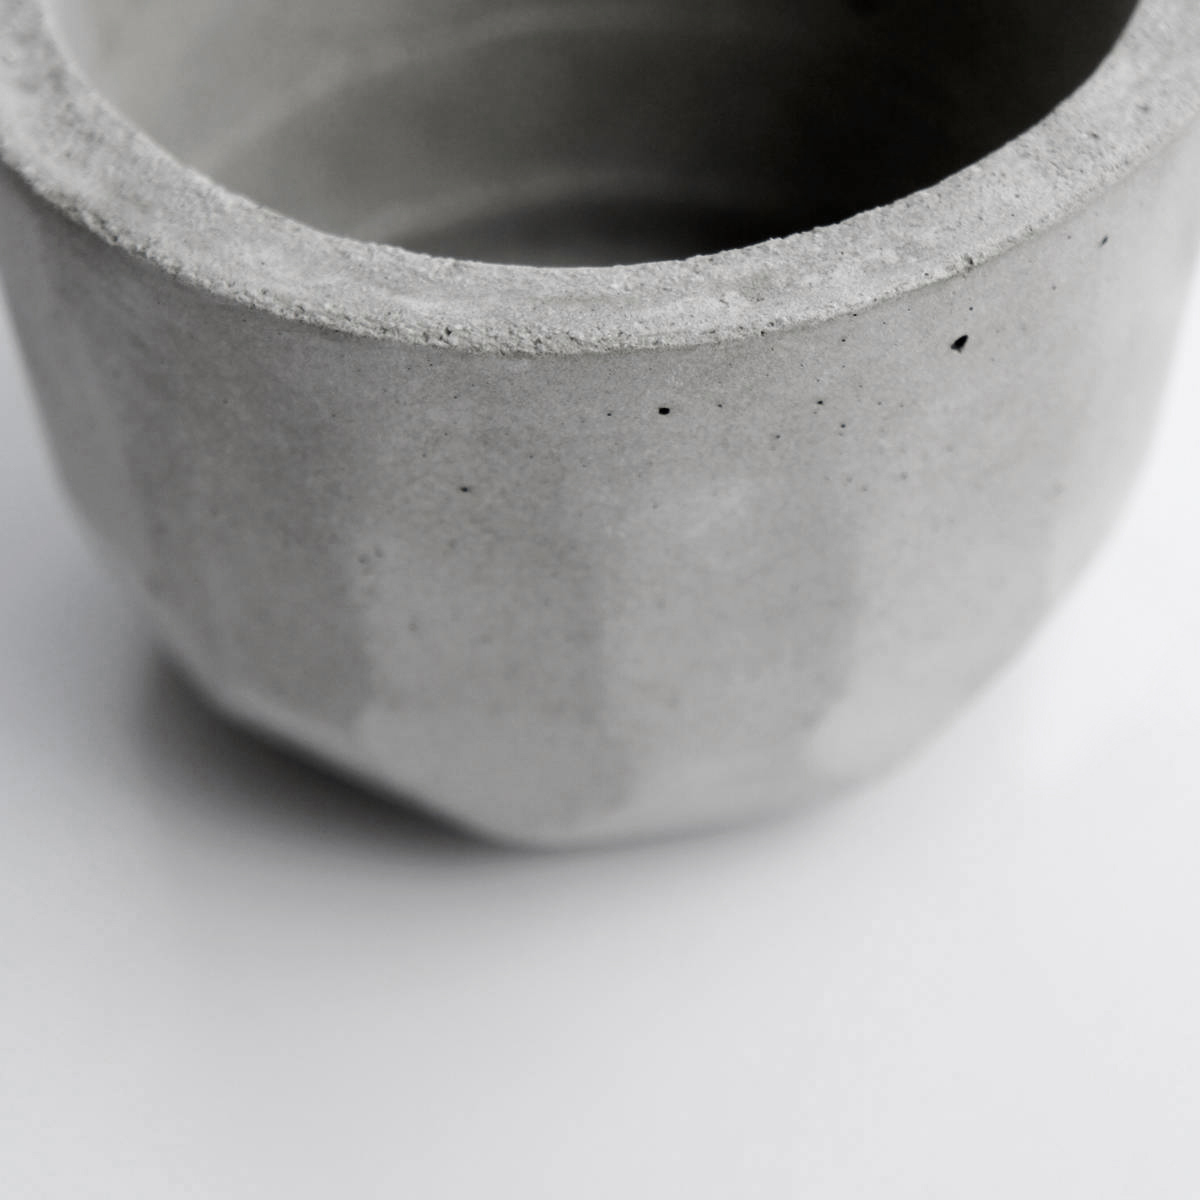 KOH-I-NOOR 光之山圓切面水泥盆器